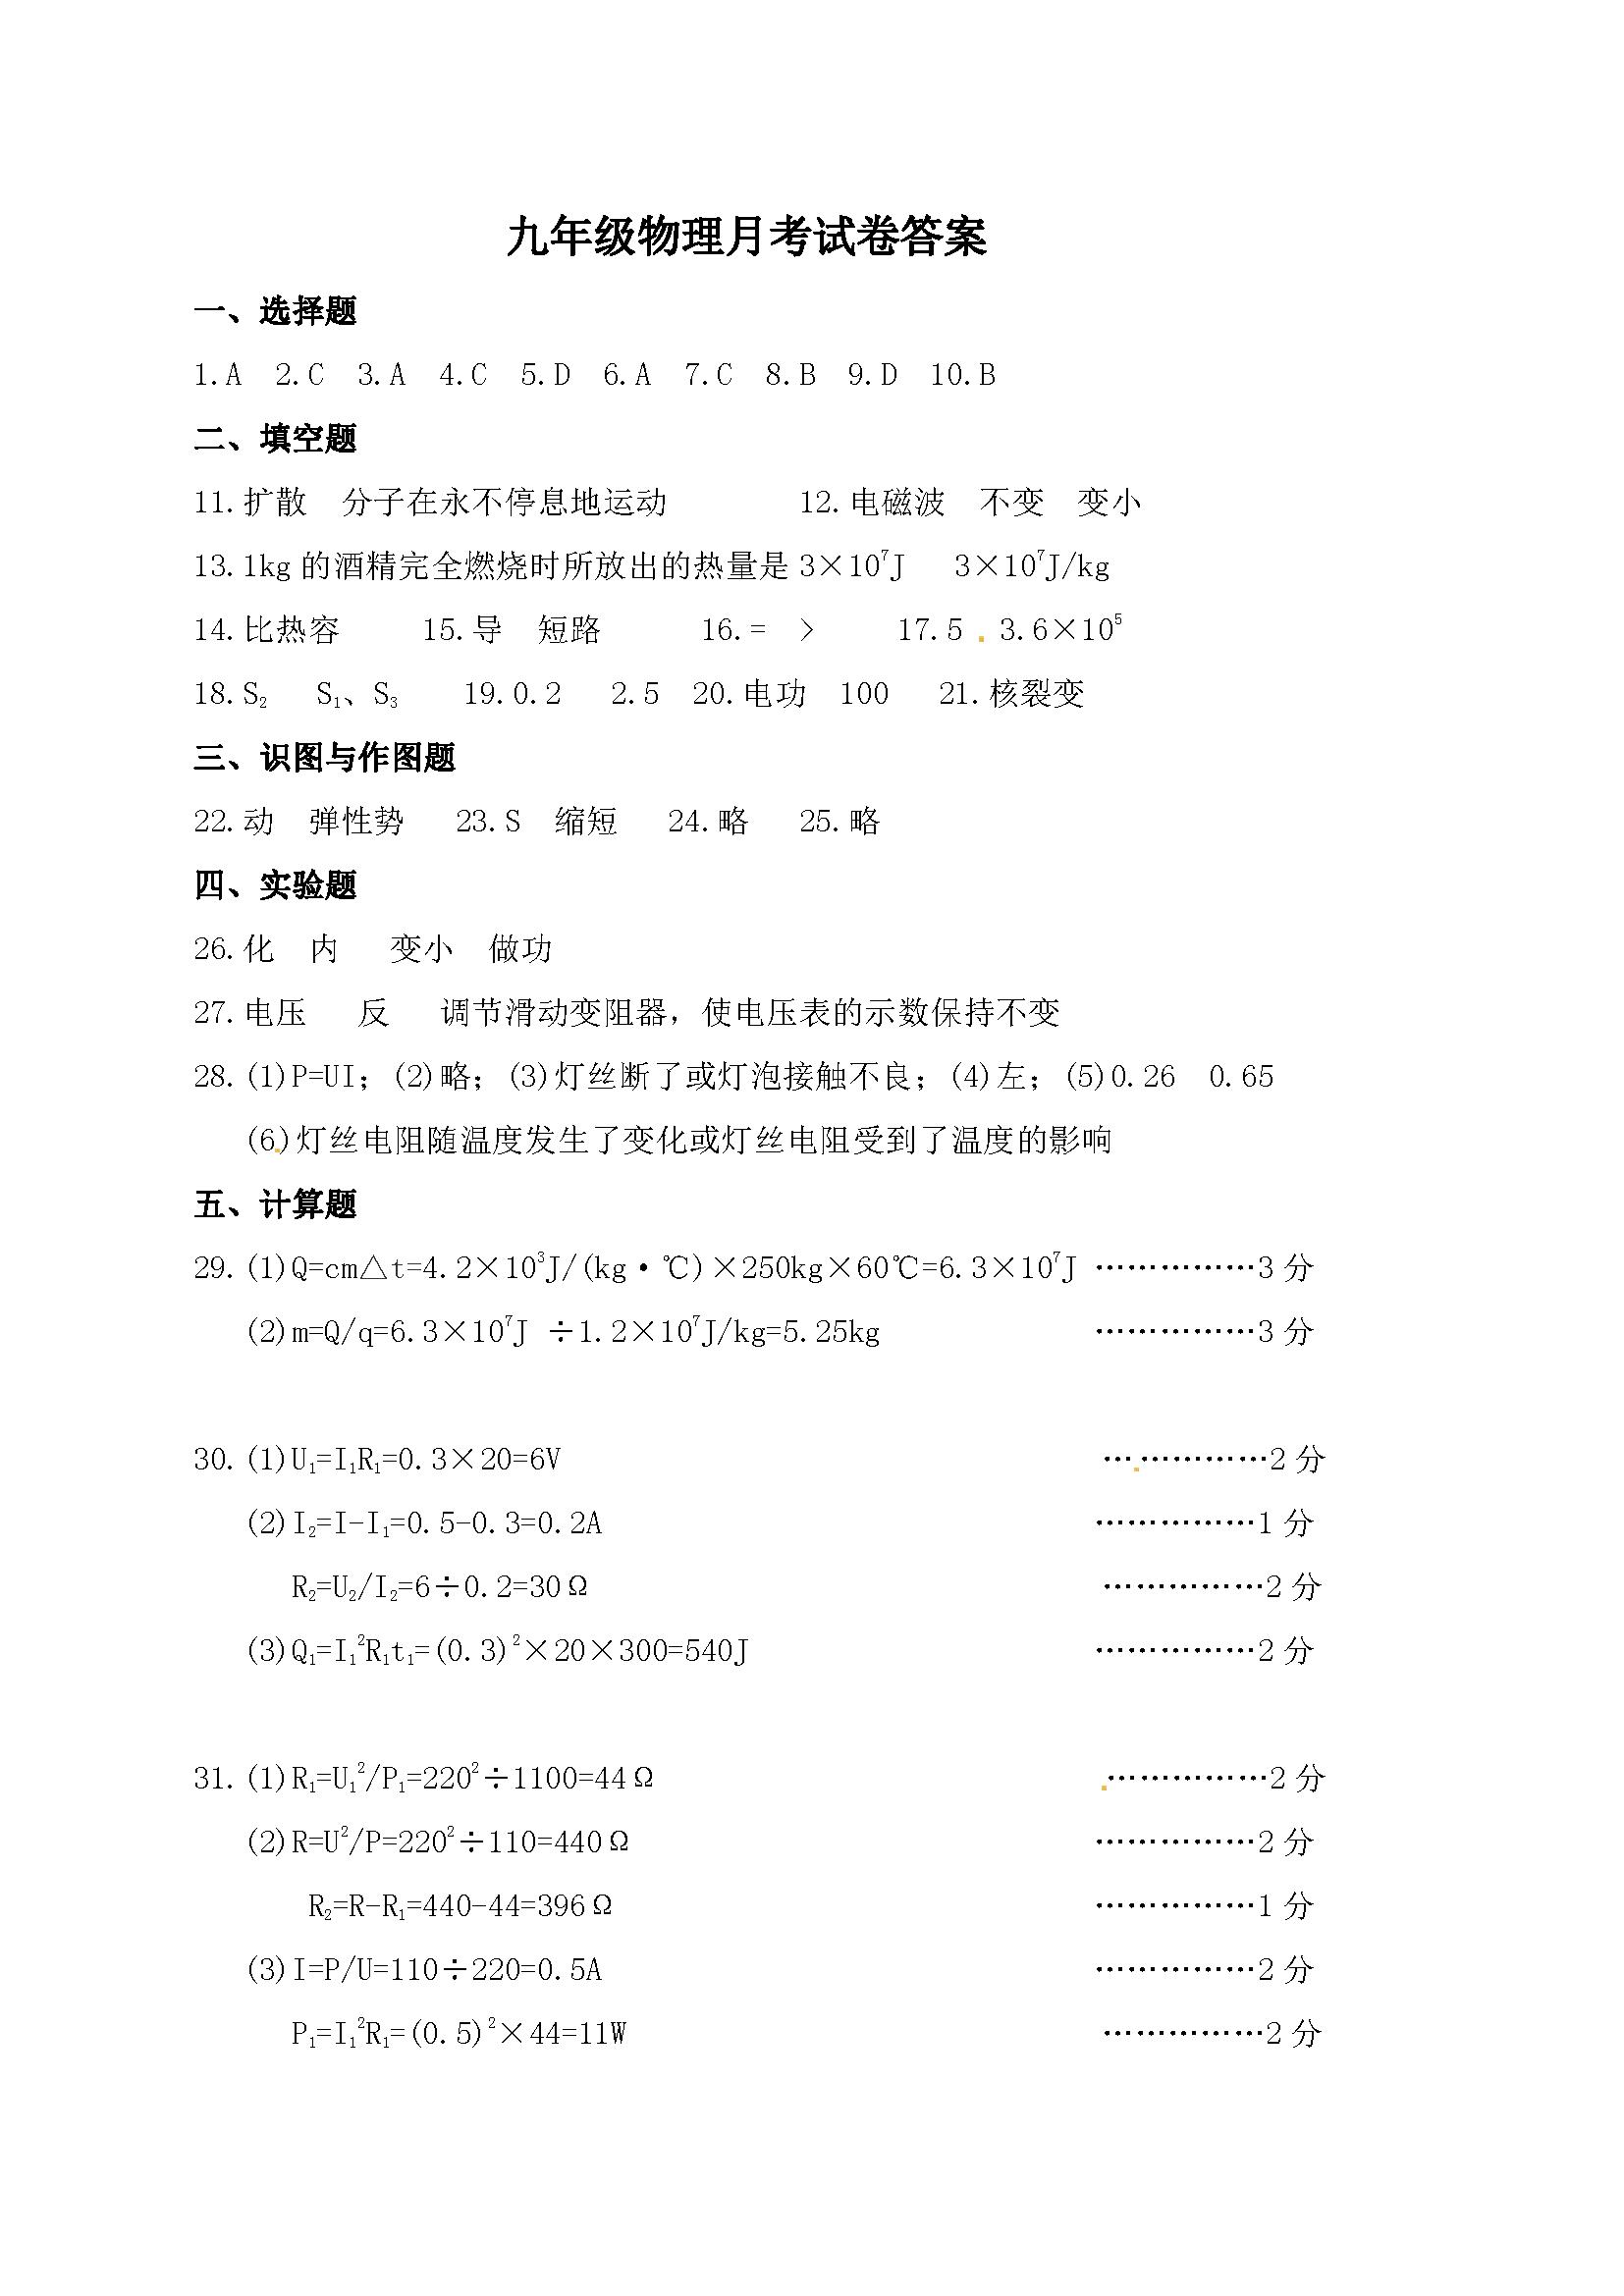 甘肃张掖高台2017九年级下第一次诊断考试物理试题答案(图片版)